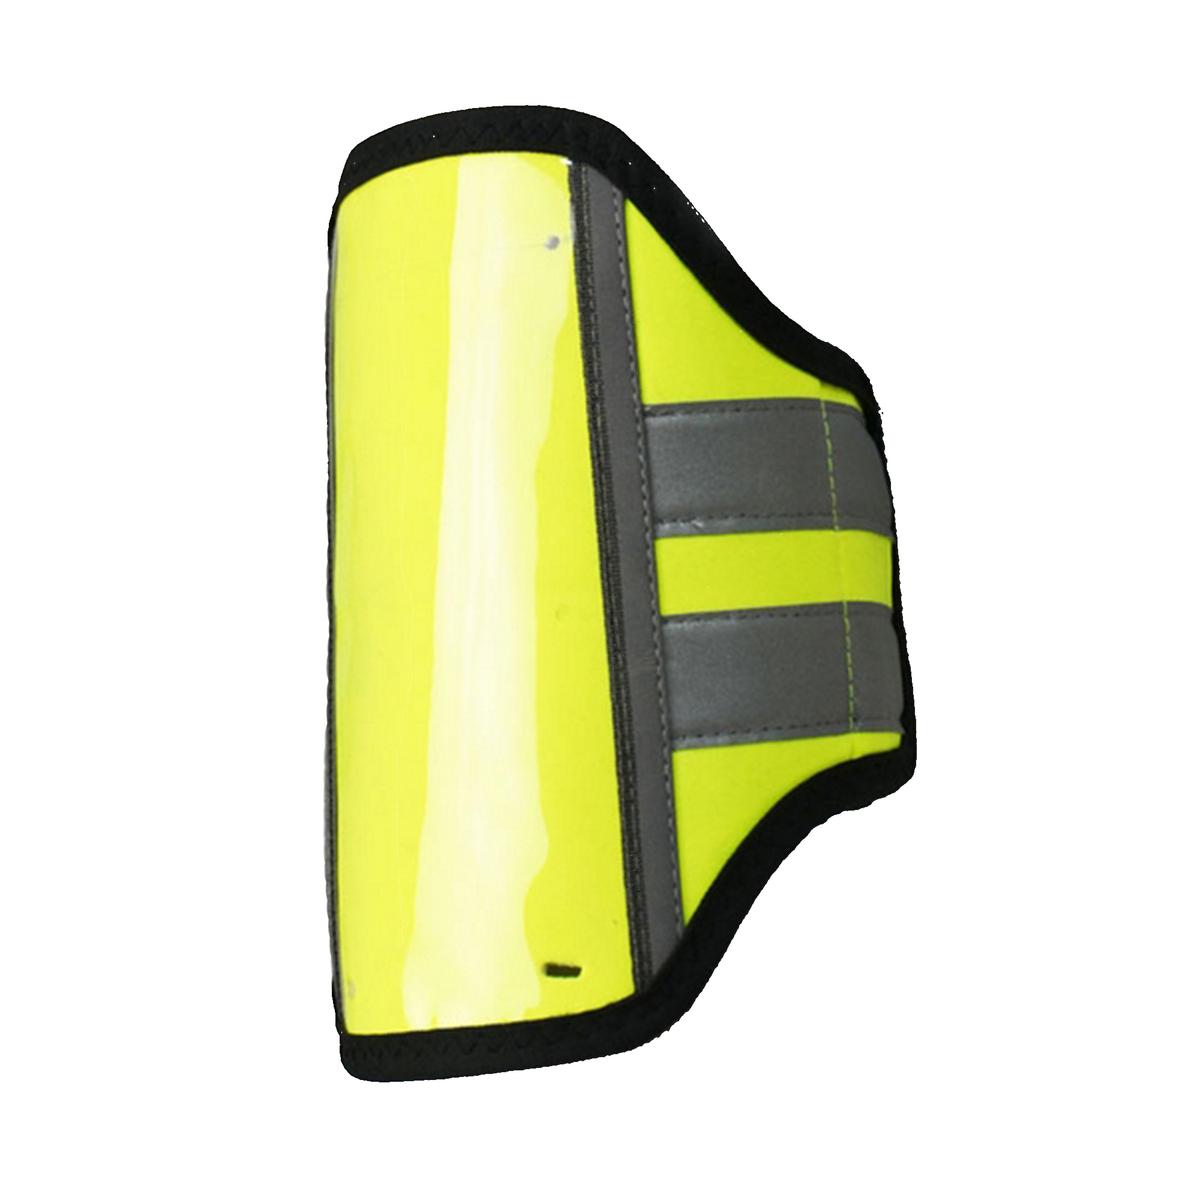 (ハイ) HyVIZ リフレクター 携帯電話/キーホルダー アームバンド 反射 安全 外乗り 乗馬 ホースライディング 【海外直送】